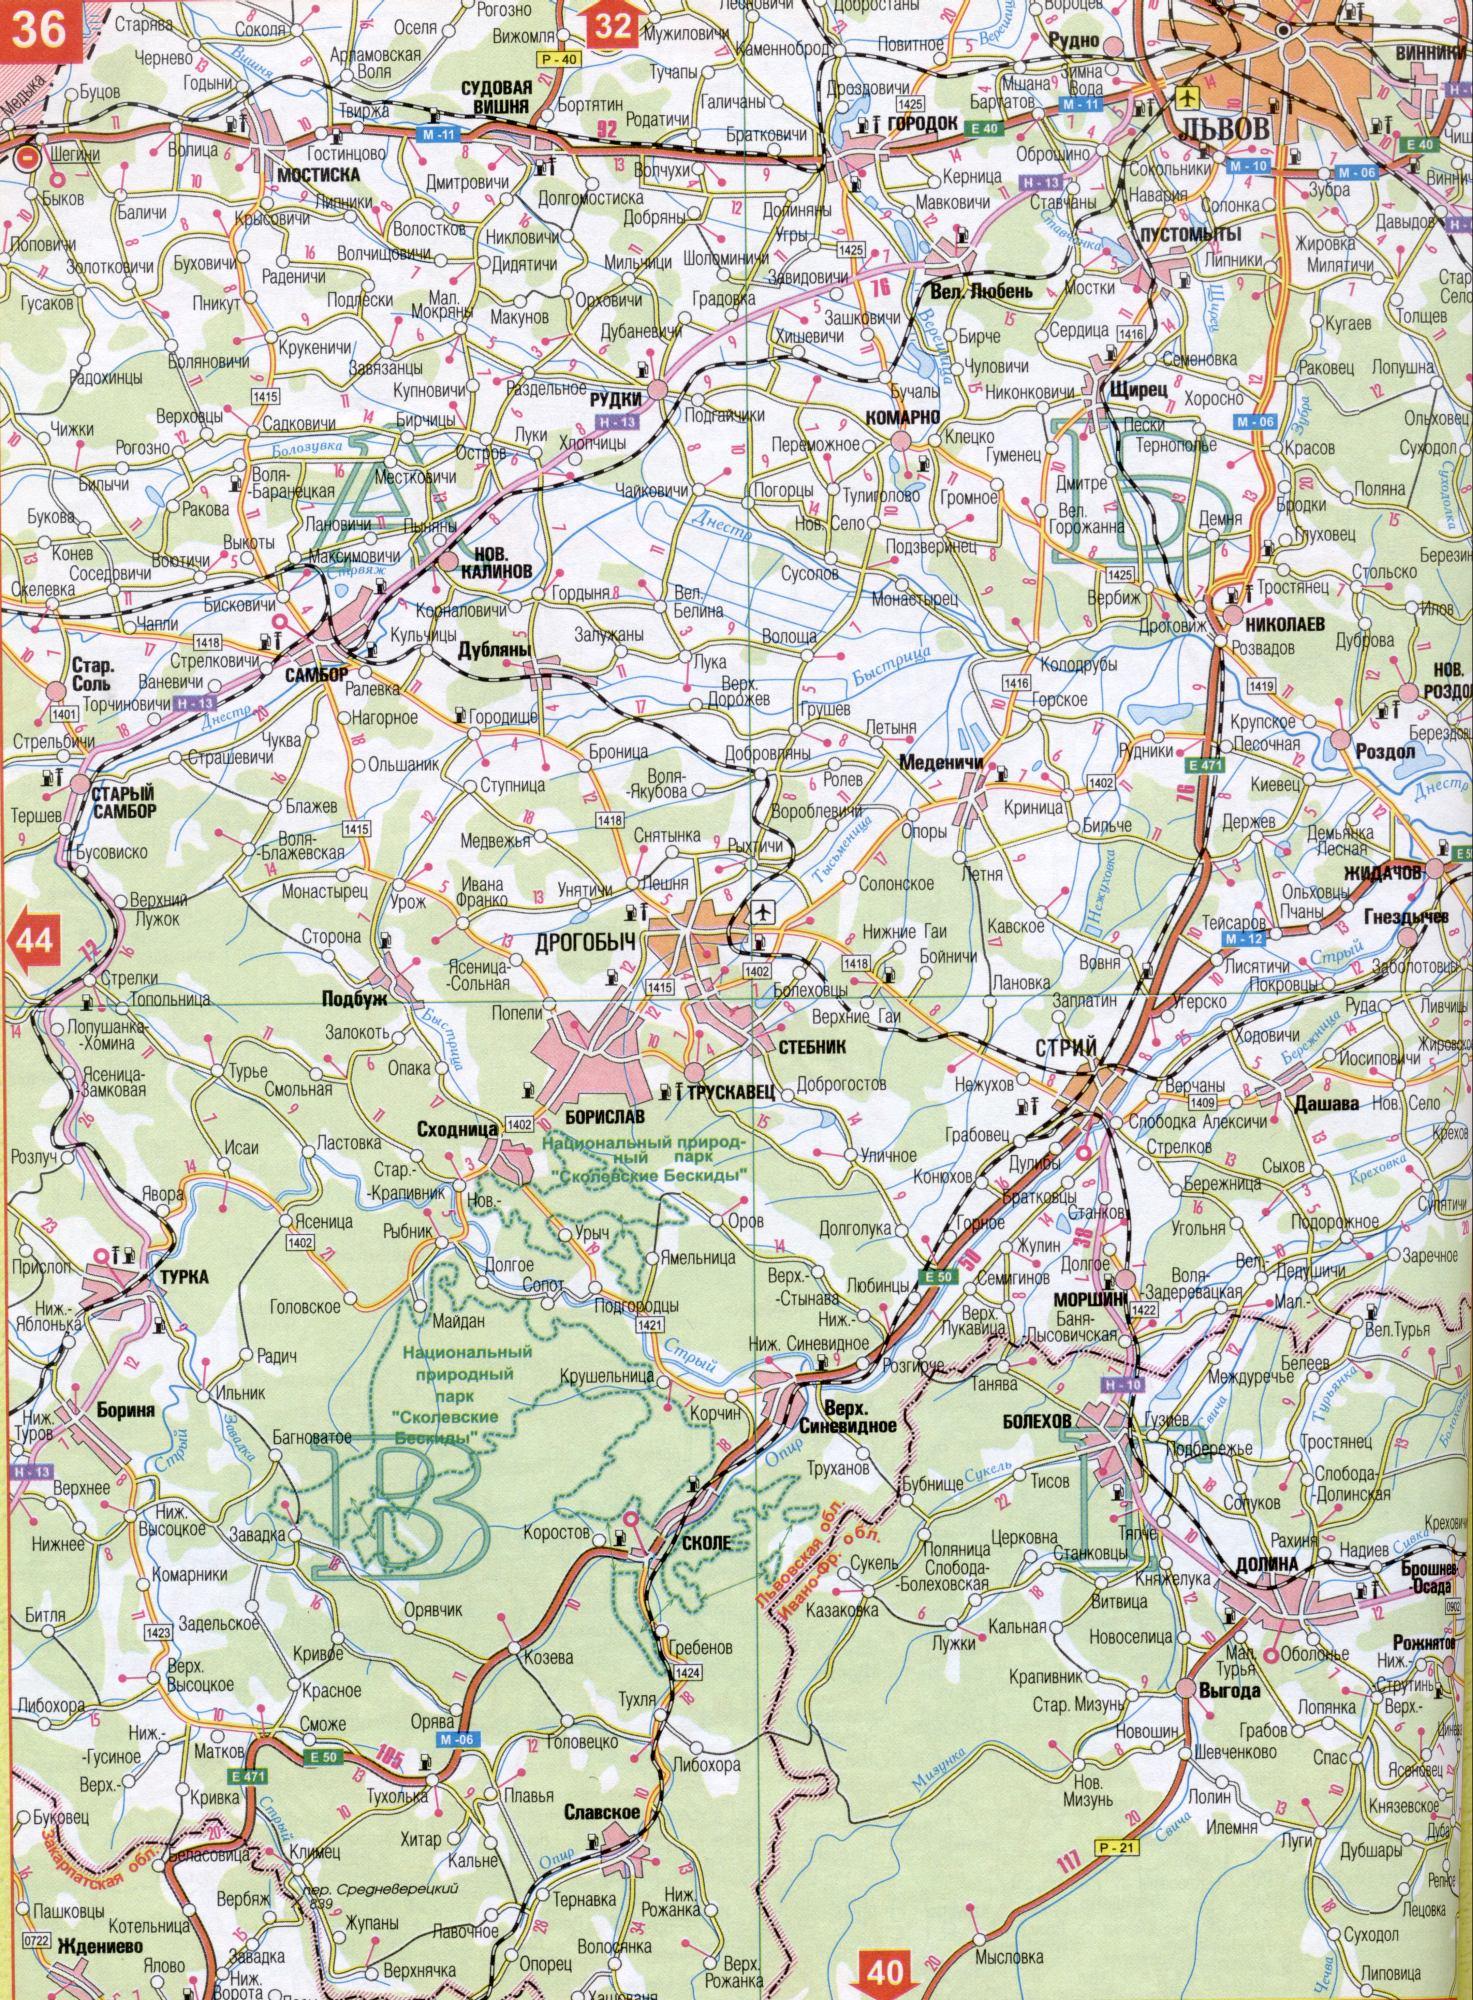 Карта Львовской области Украины. Крупномасштабная карта ...: http://map1.com.ua/map128486_1_0.htm